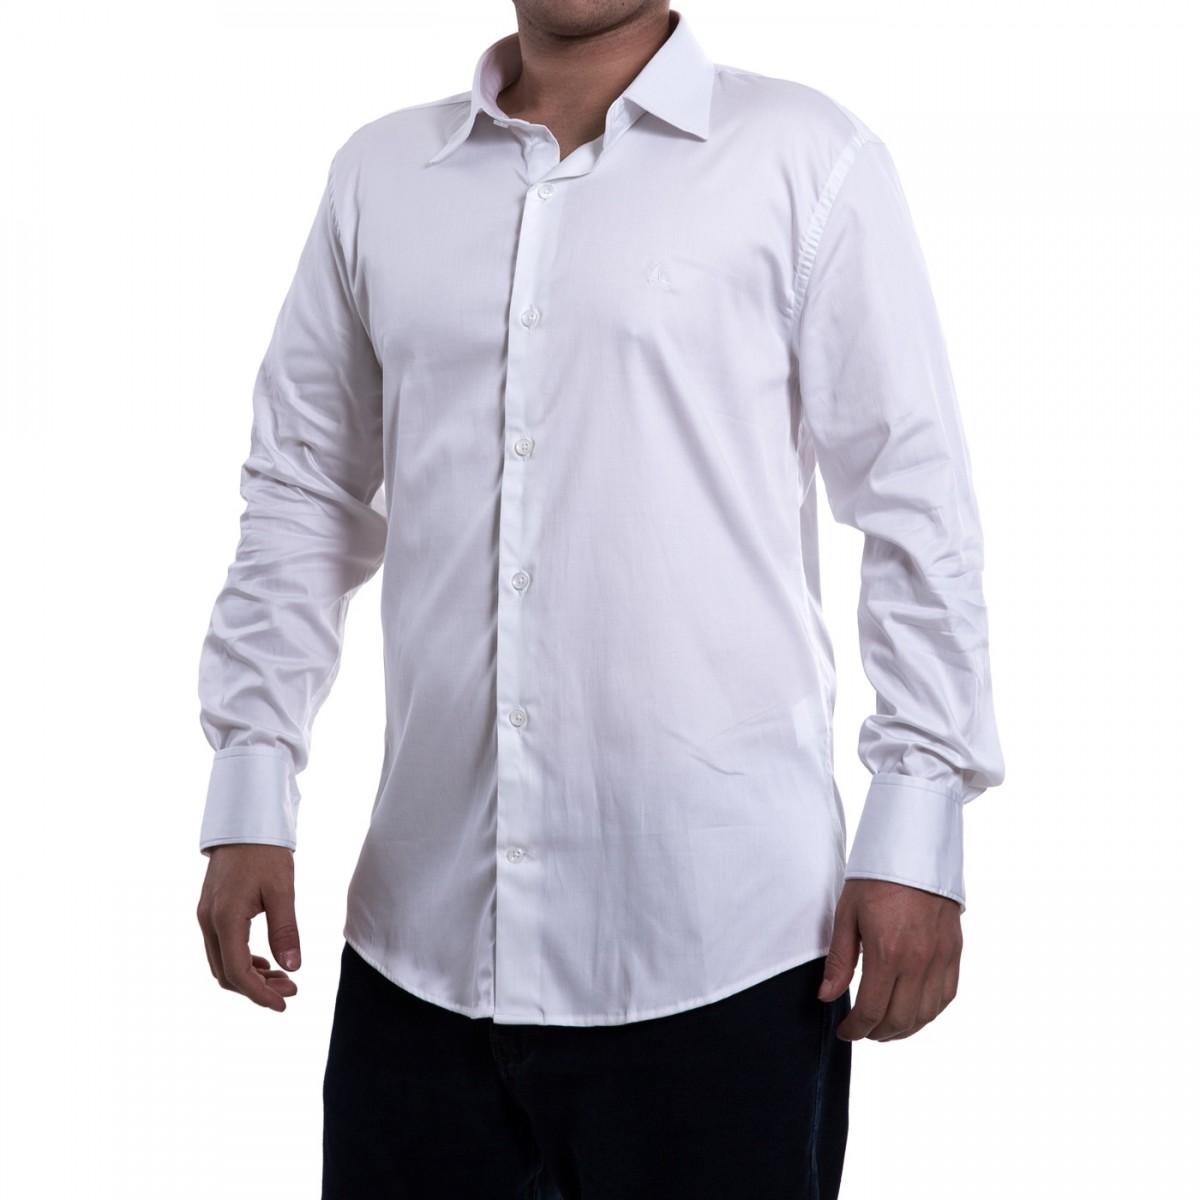 9fbc83b051 Bizz Store - Camisa Social Masculina Porto CO Manga Longa Branca